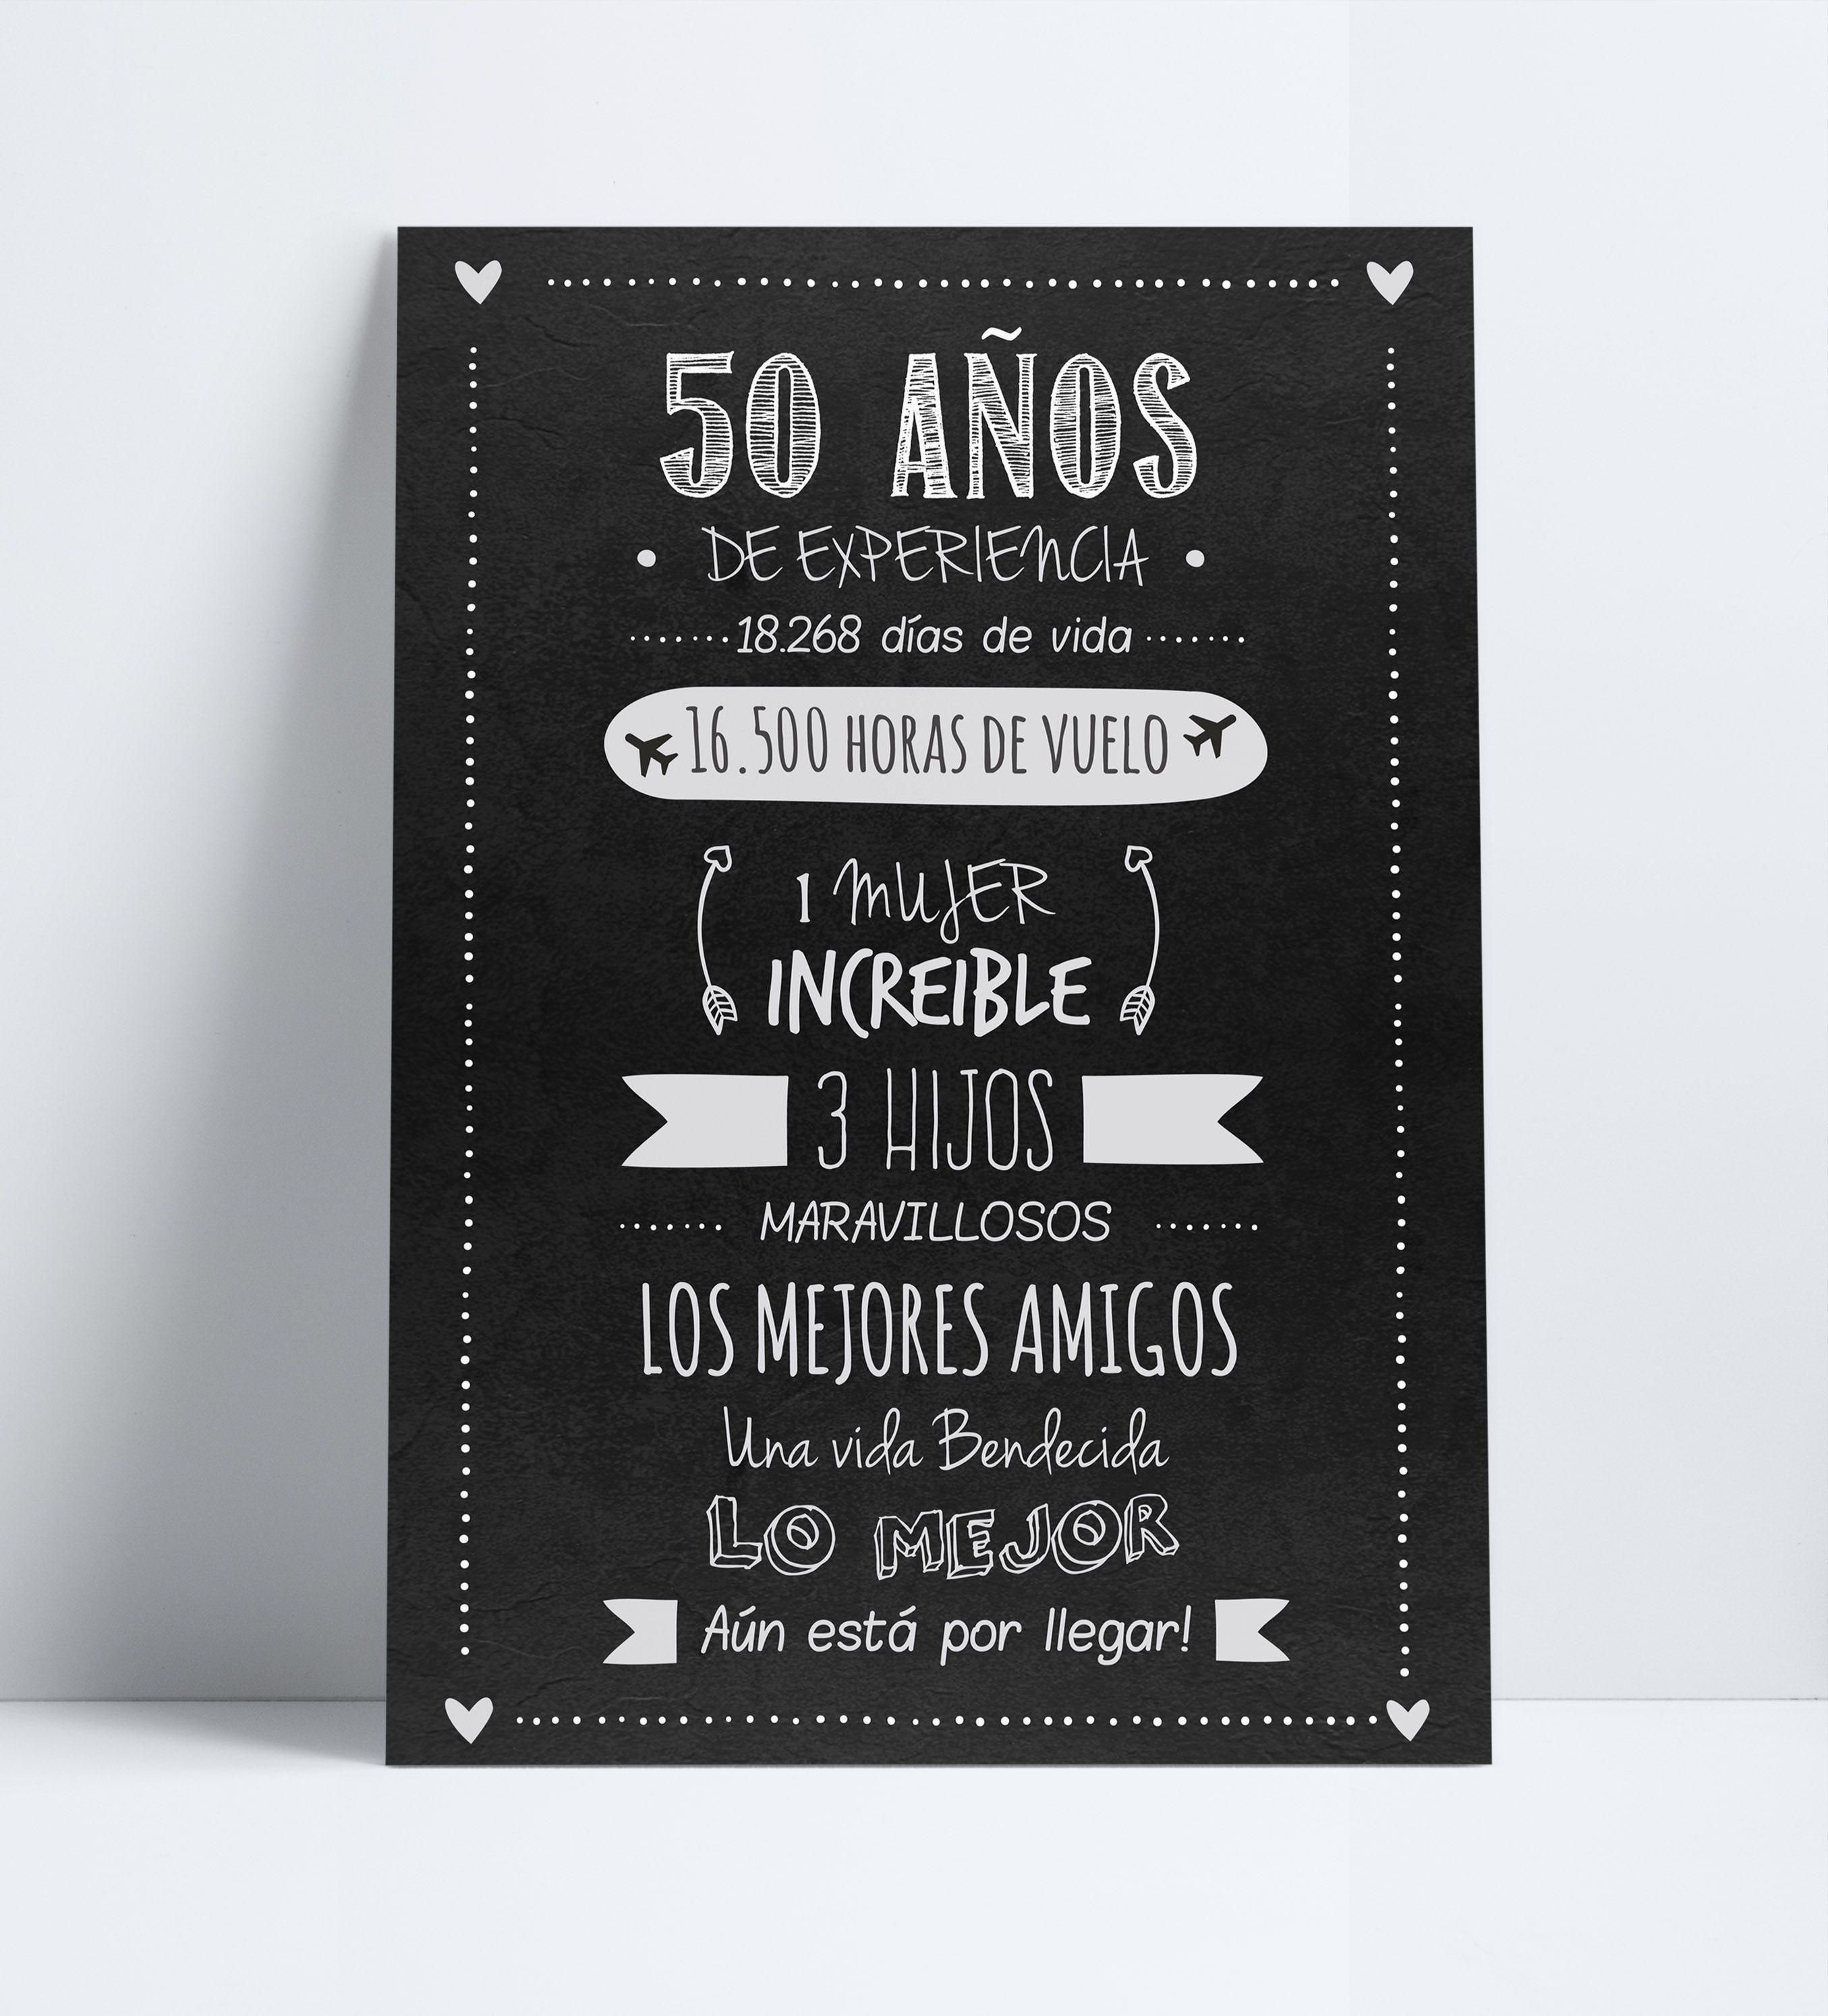 Cartel Poster Afiche Cumpleaños Adultos 50 Años